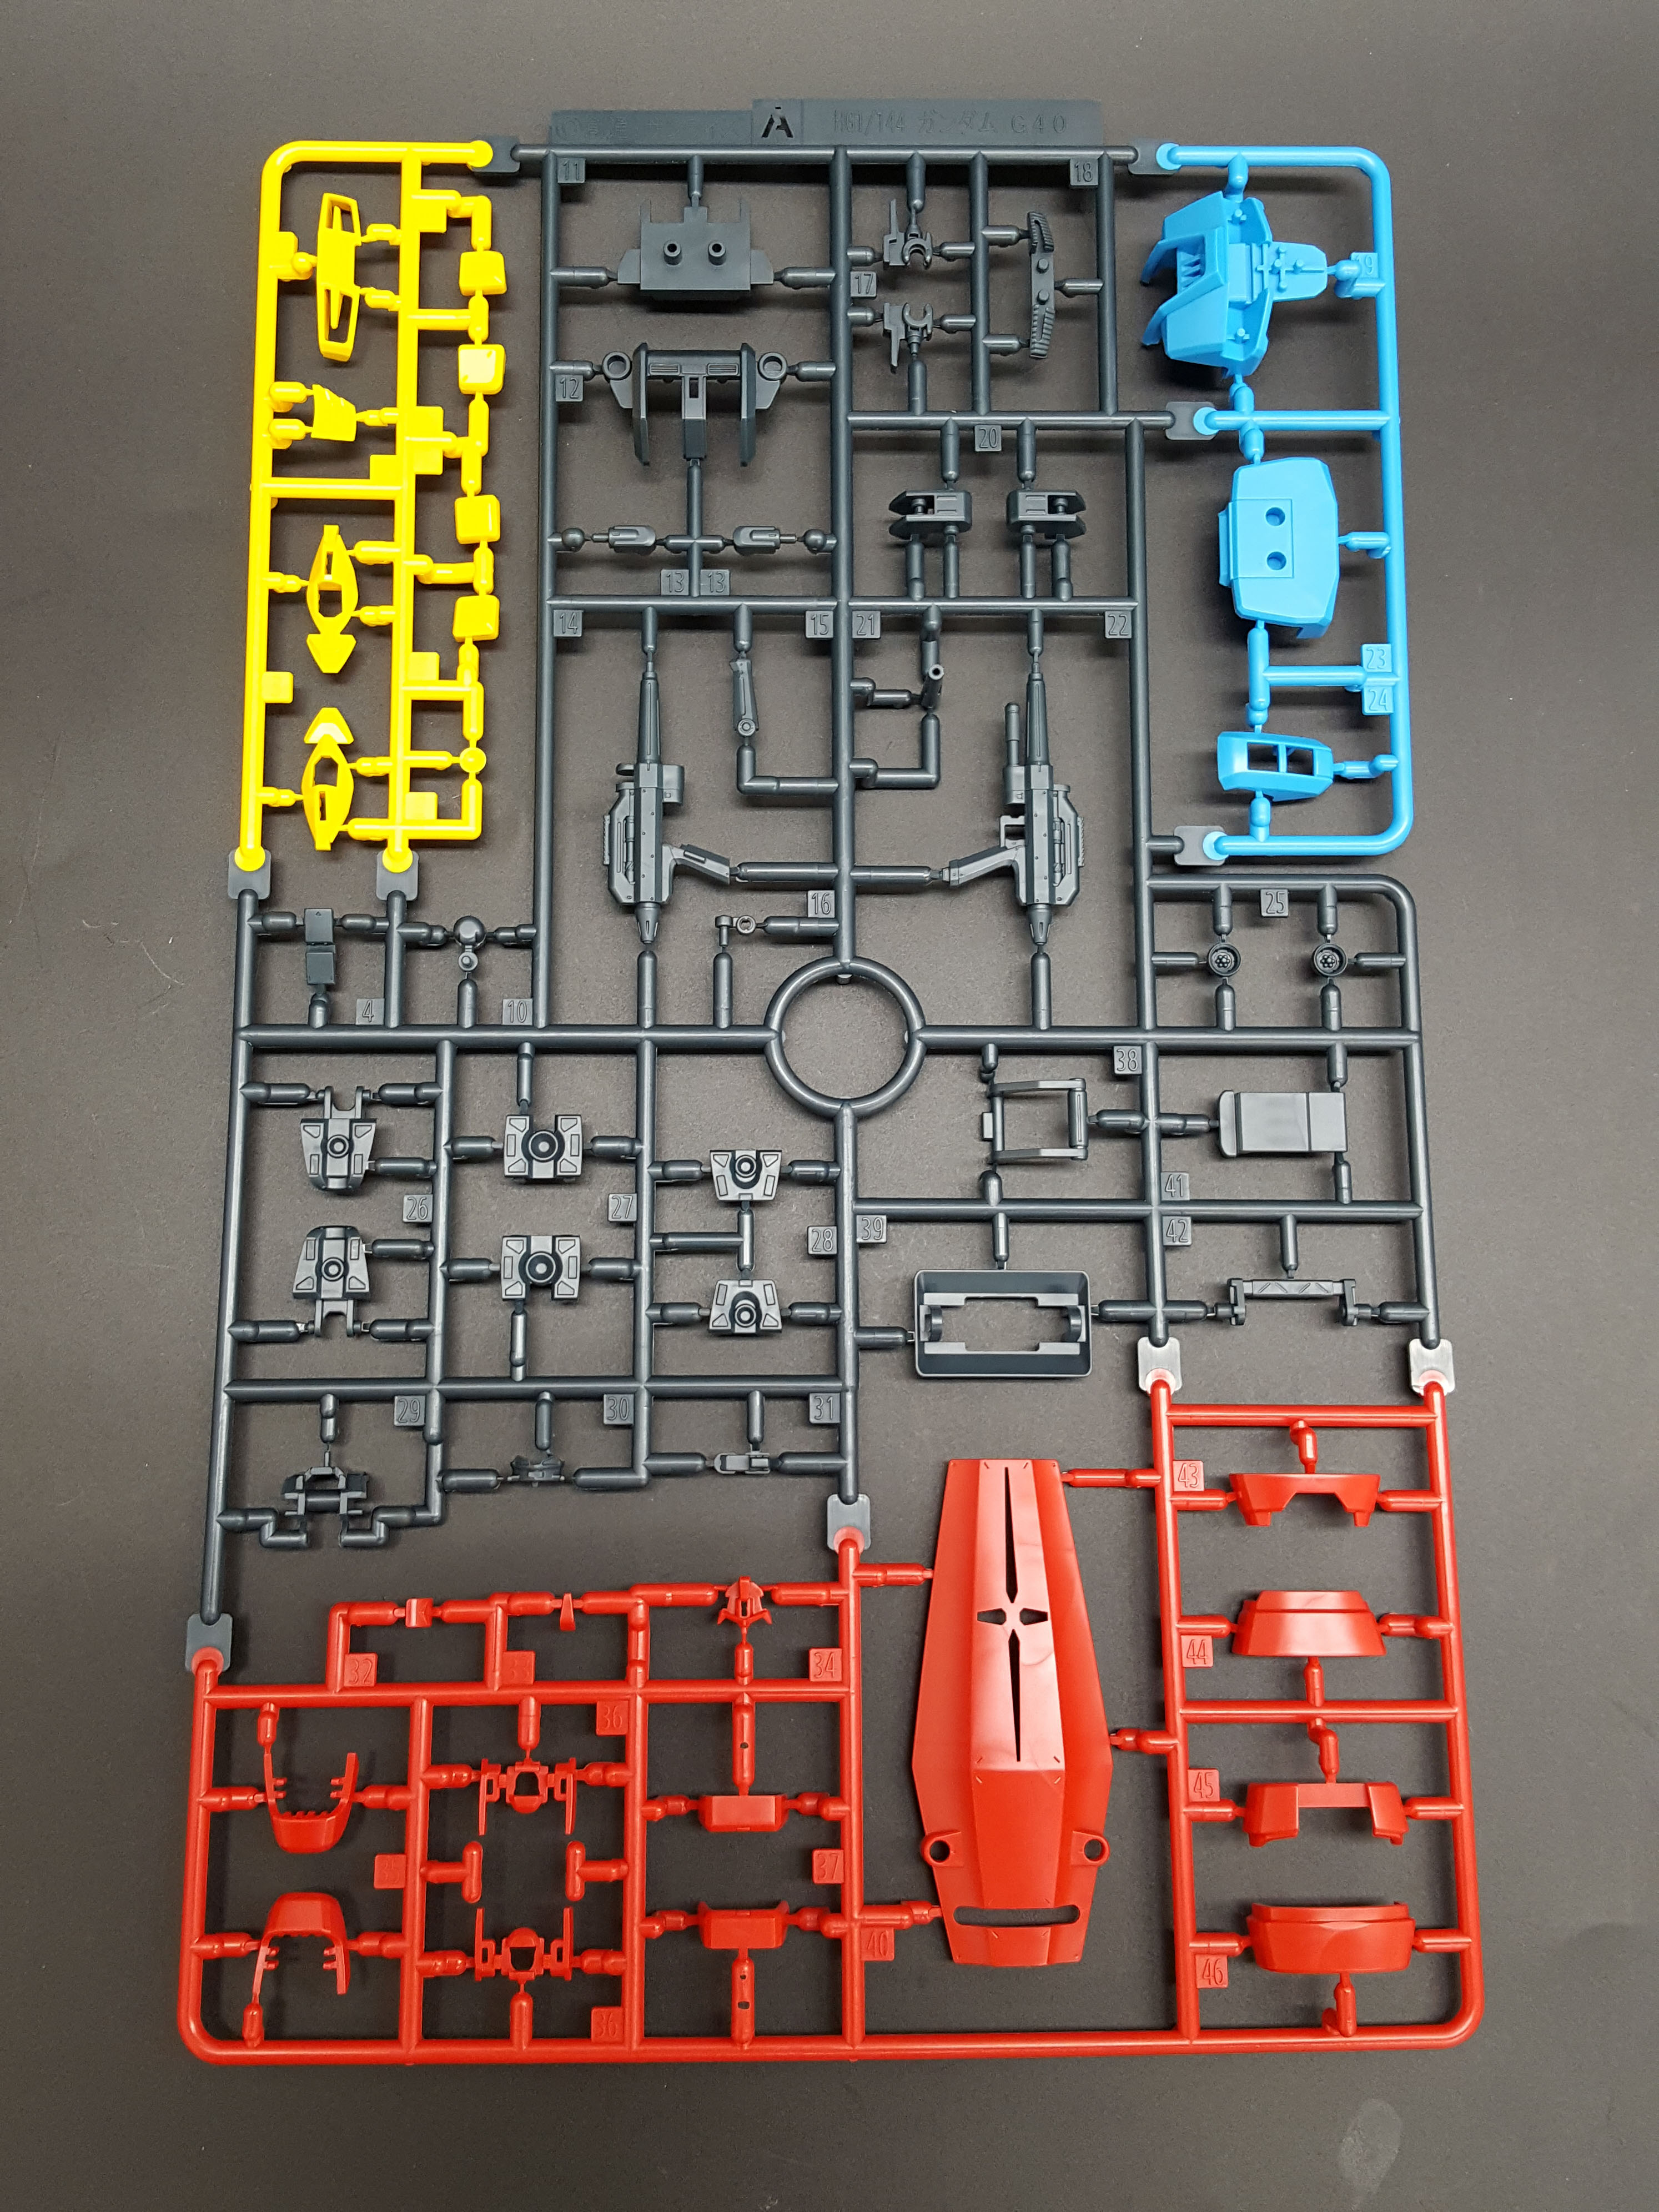 1/144 HG Gundam G40 (Industrial Design Ver.)